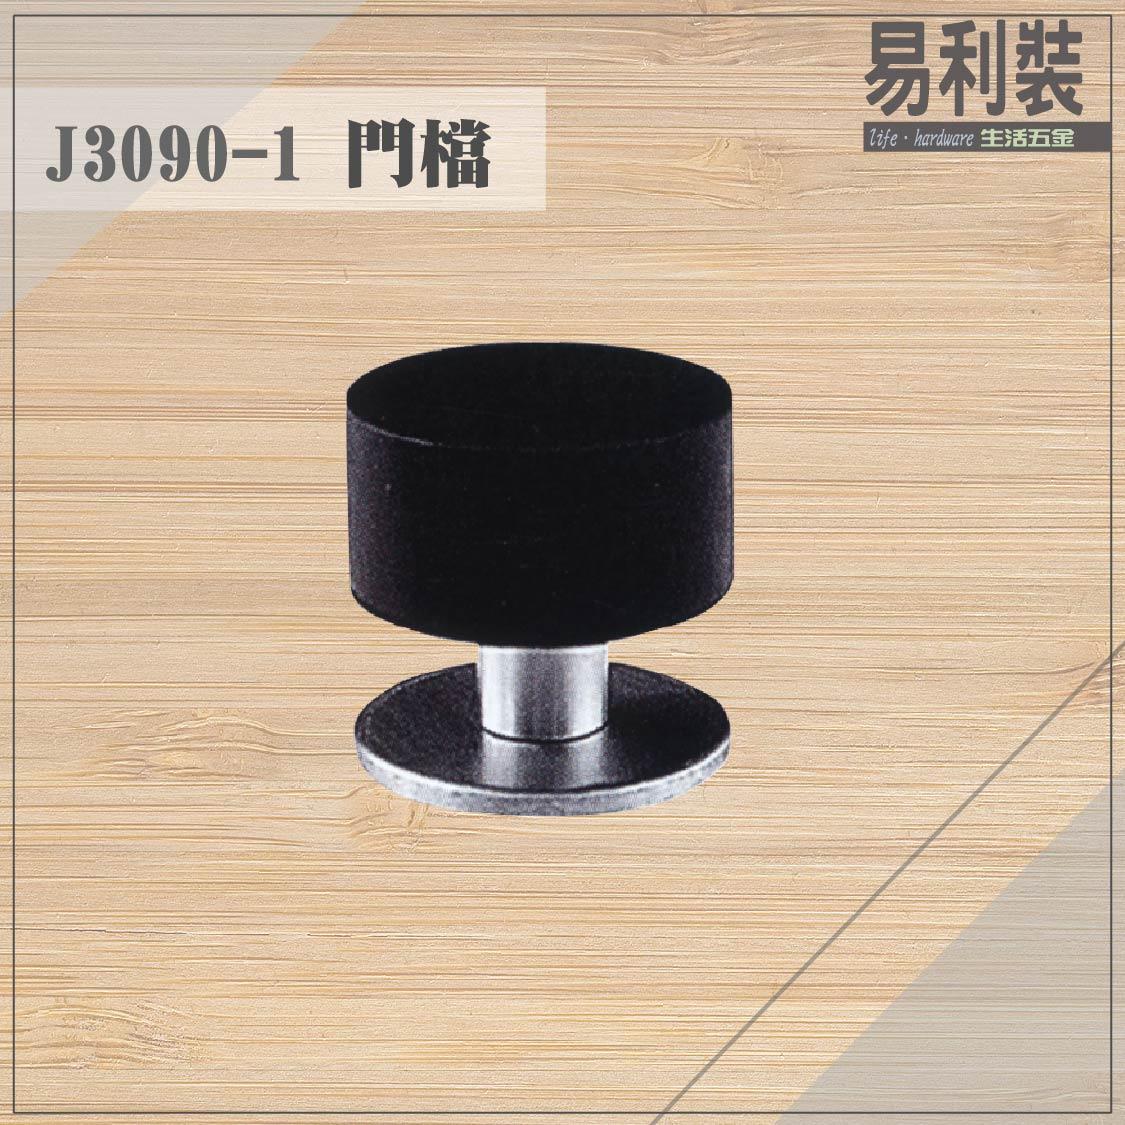 【 EASYCAN  】J3090-1 不鏽鋼門檔 易利裝生活五金 浴室 廚房 房間 臥房 衣櫃 小資族 辦公家具 系統家具 0